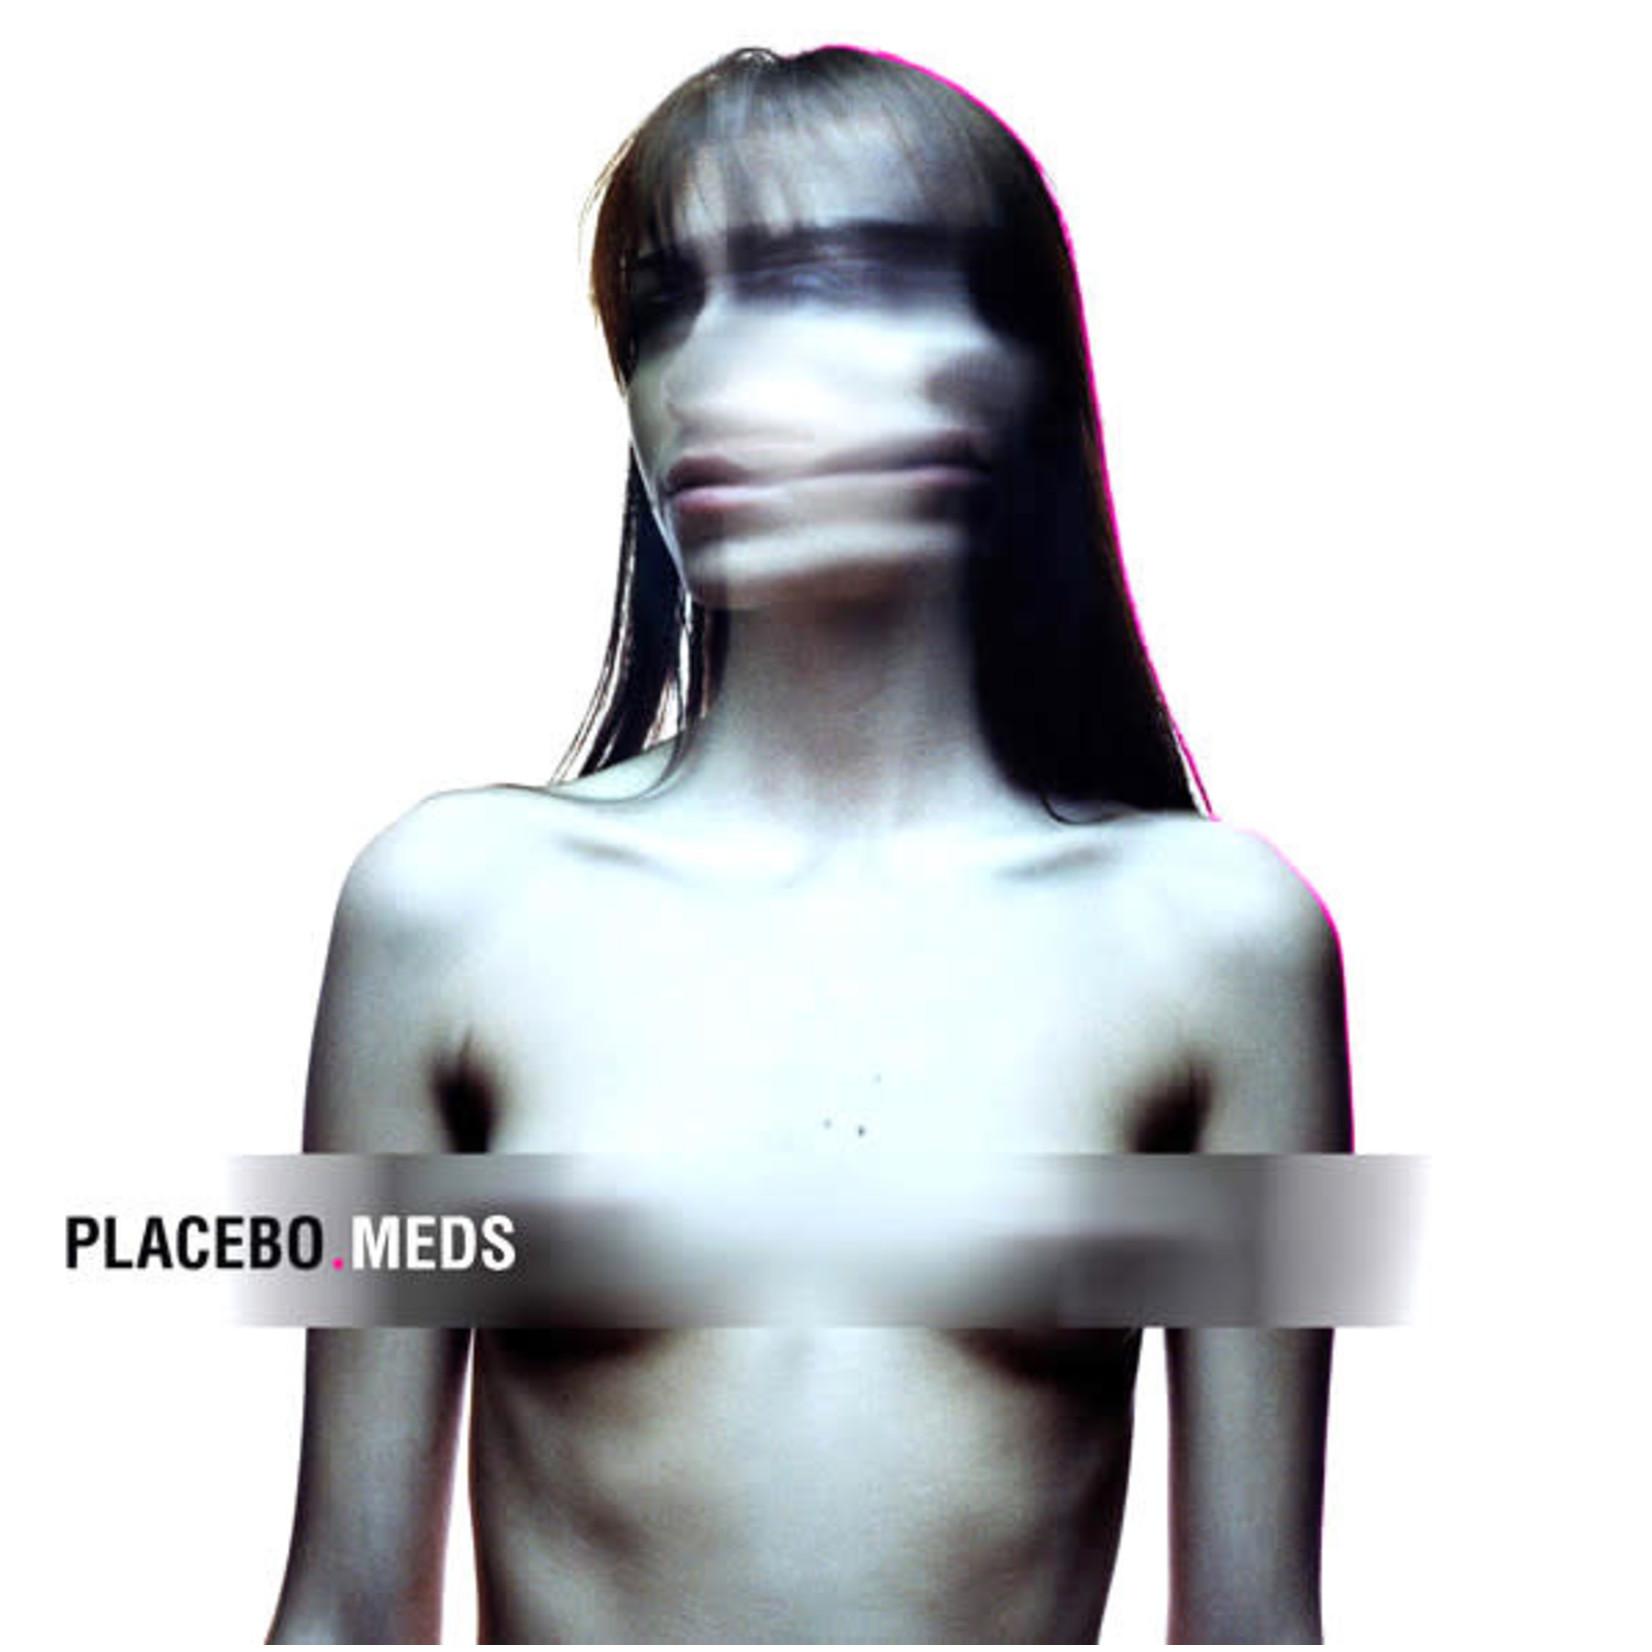 [New] Placebo: Meds